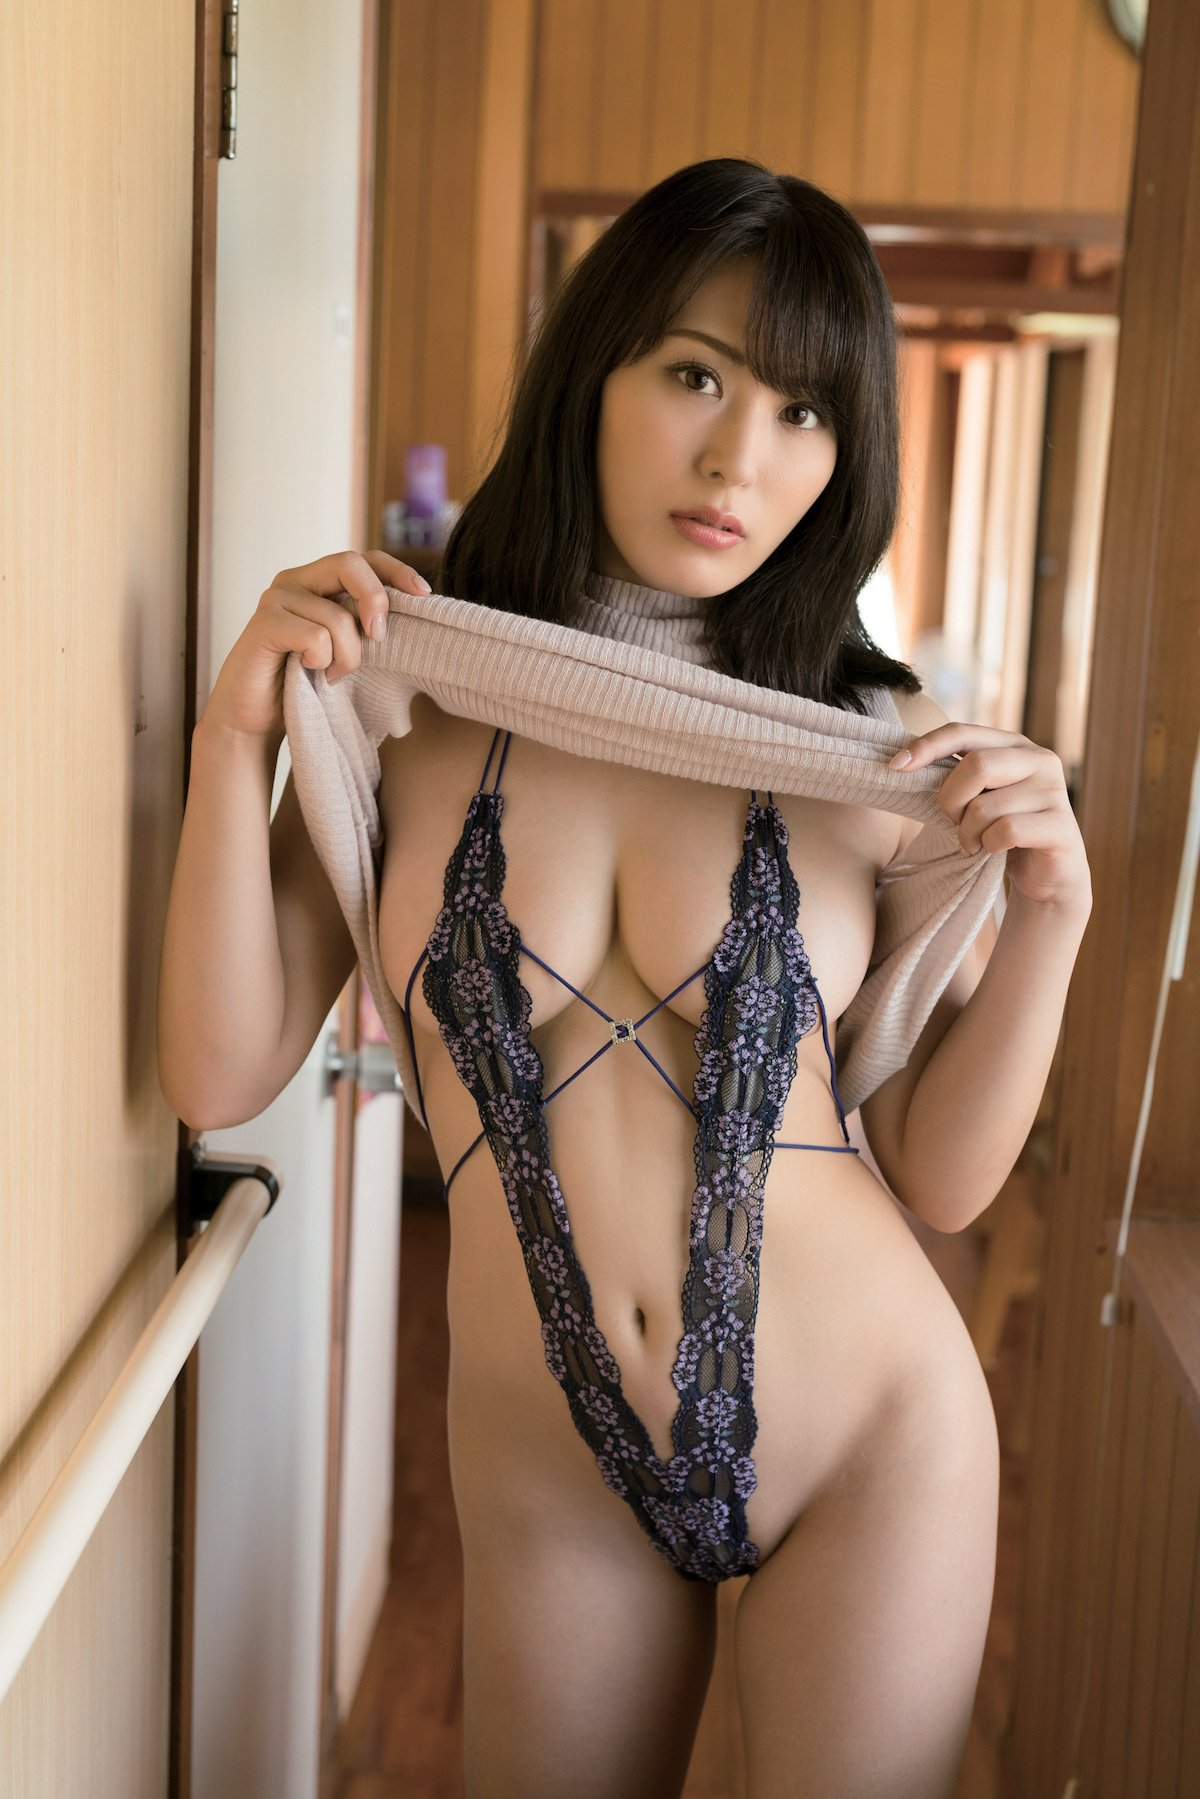 金子智美「セーターの下はY字ランジェリー」超セクシーな悩殺ショット【画像2枚】の画像001